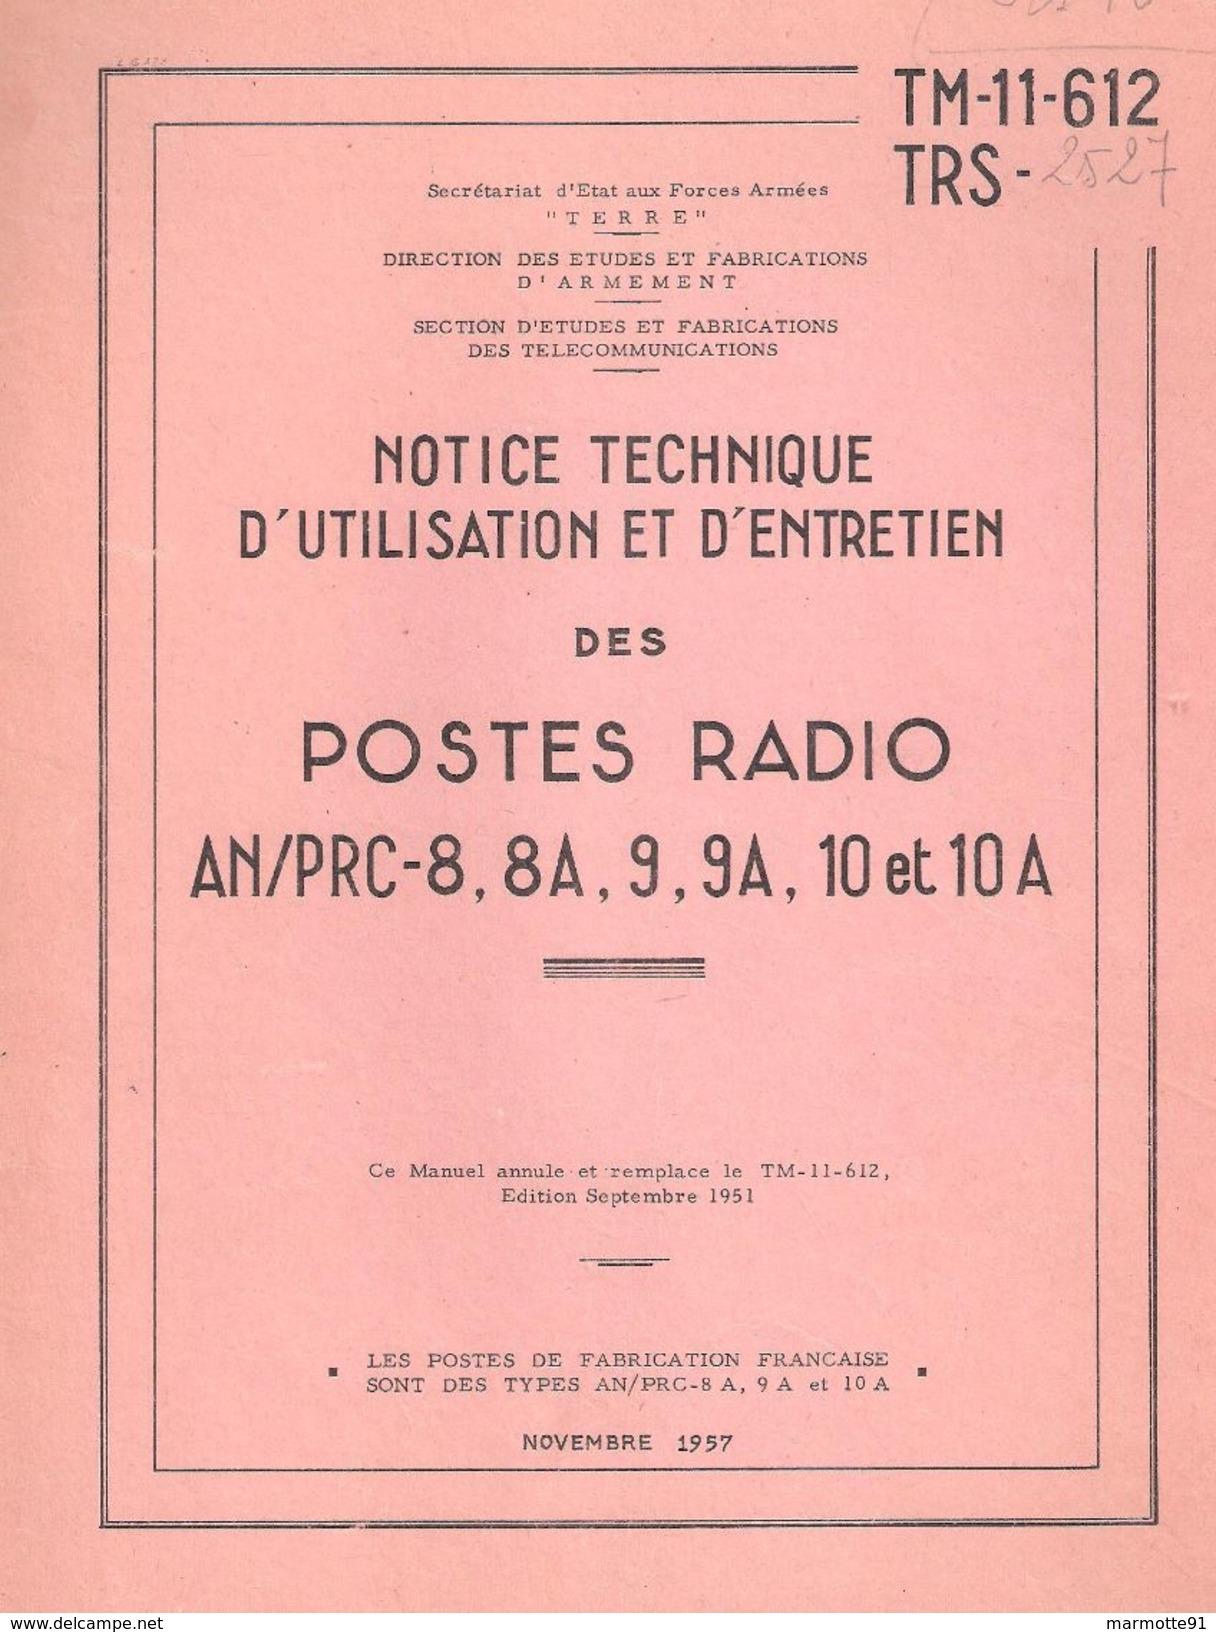 NOTICE TECHNIQUE UTILISATION ENTRETIEN POSTE RADIO AN/PRC-8 8A 9 9A 10 ET 10A TRANSMISSIONS  TELECOMMUNICATIONS 1957 - Radio